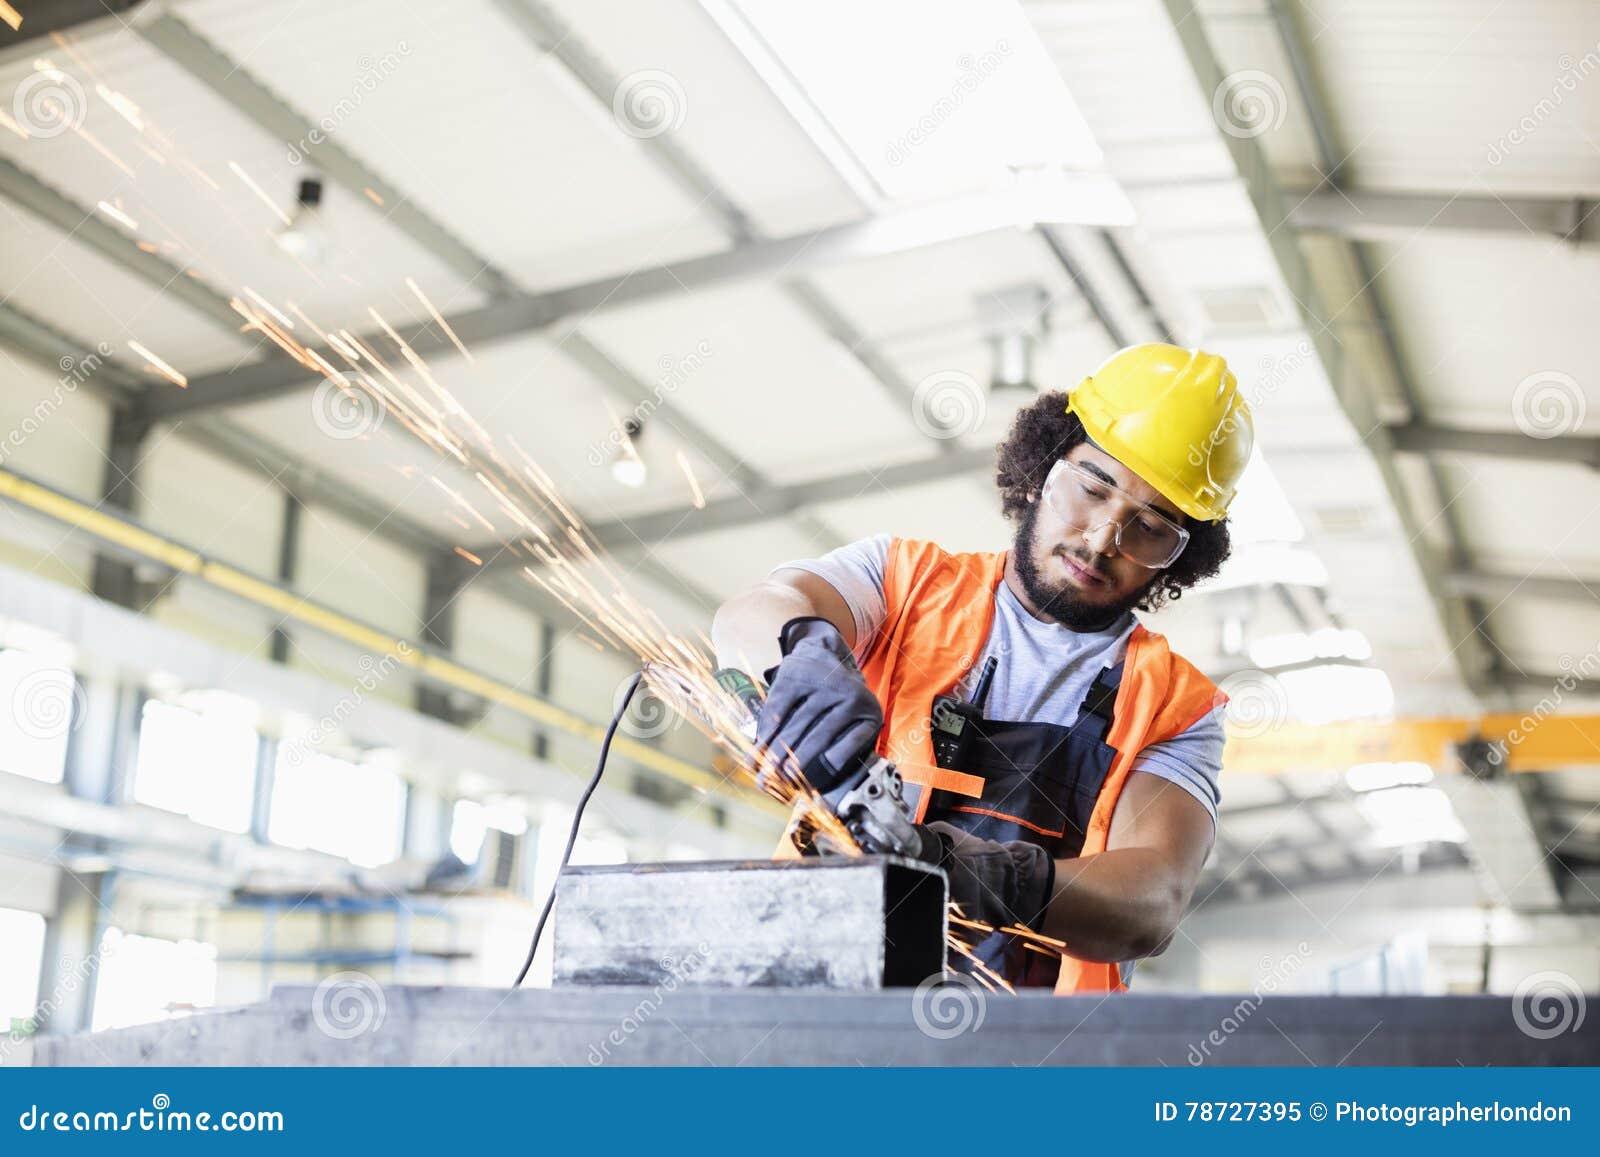 Ung manuell arbetare som använder molar på metall i fabrik